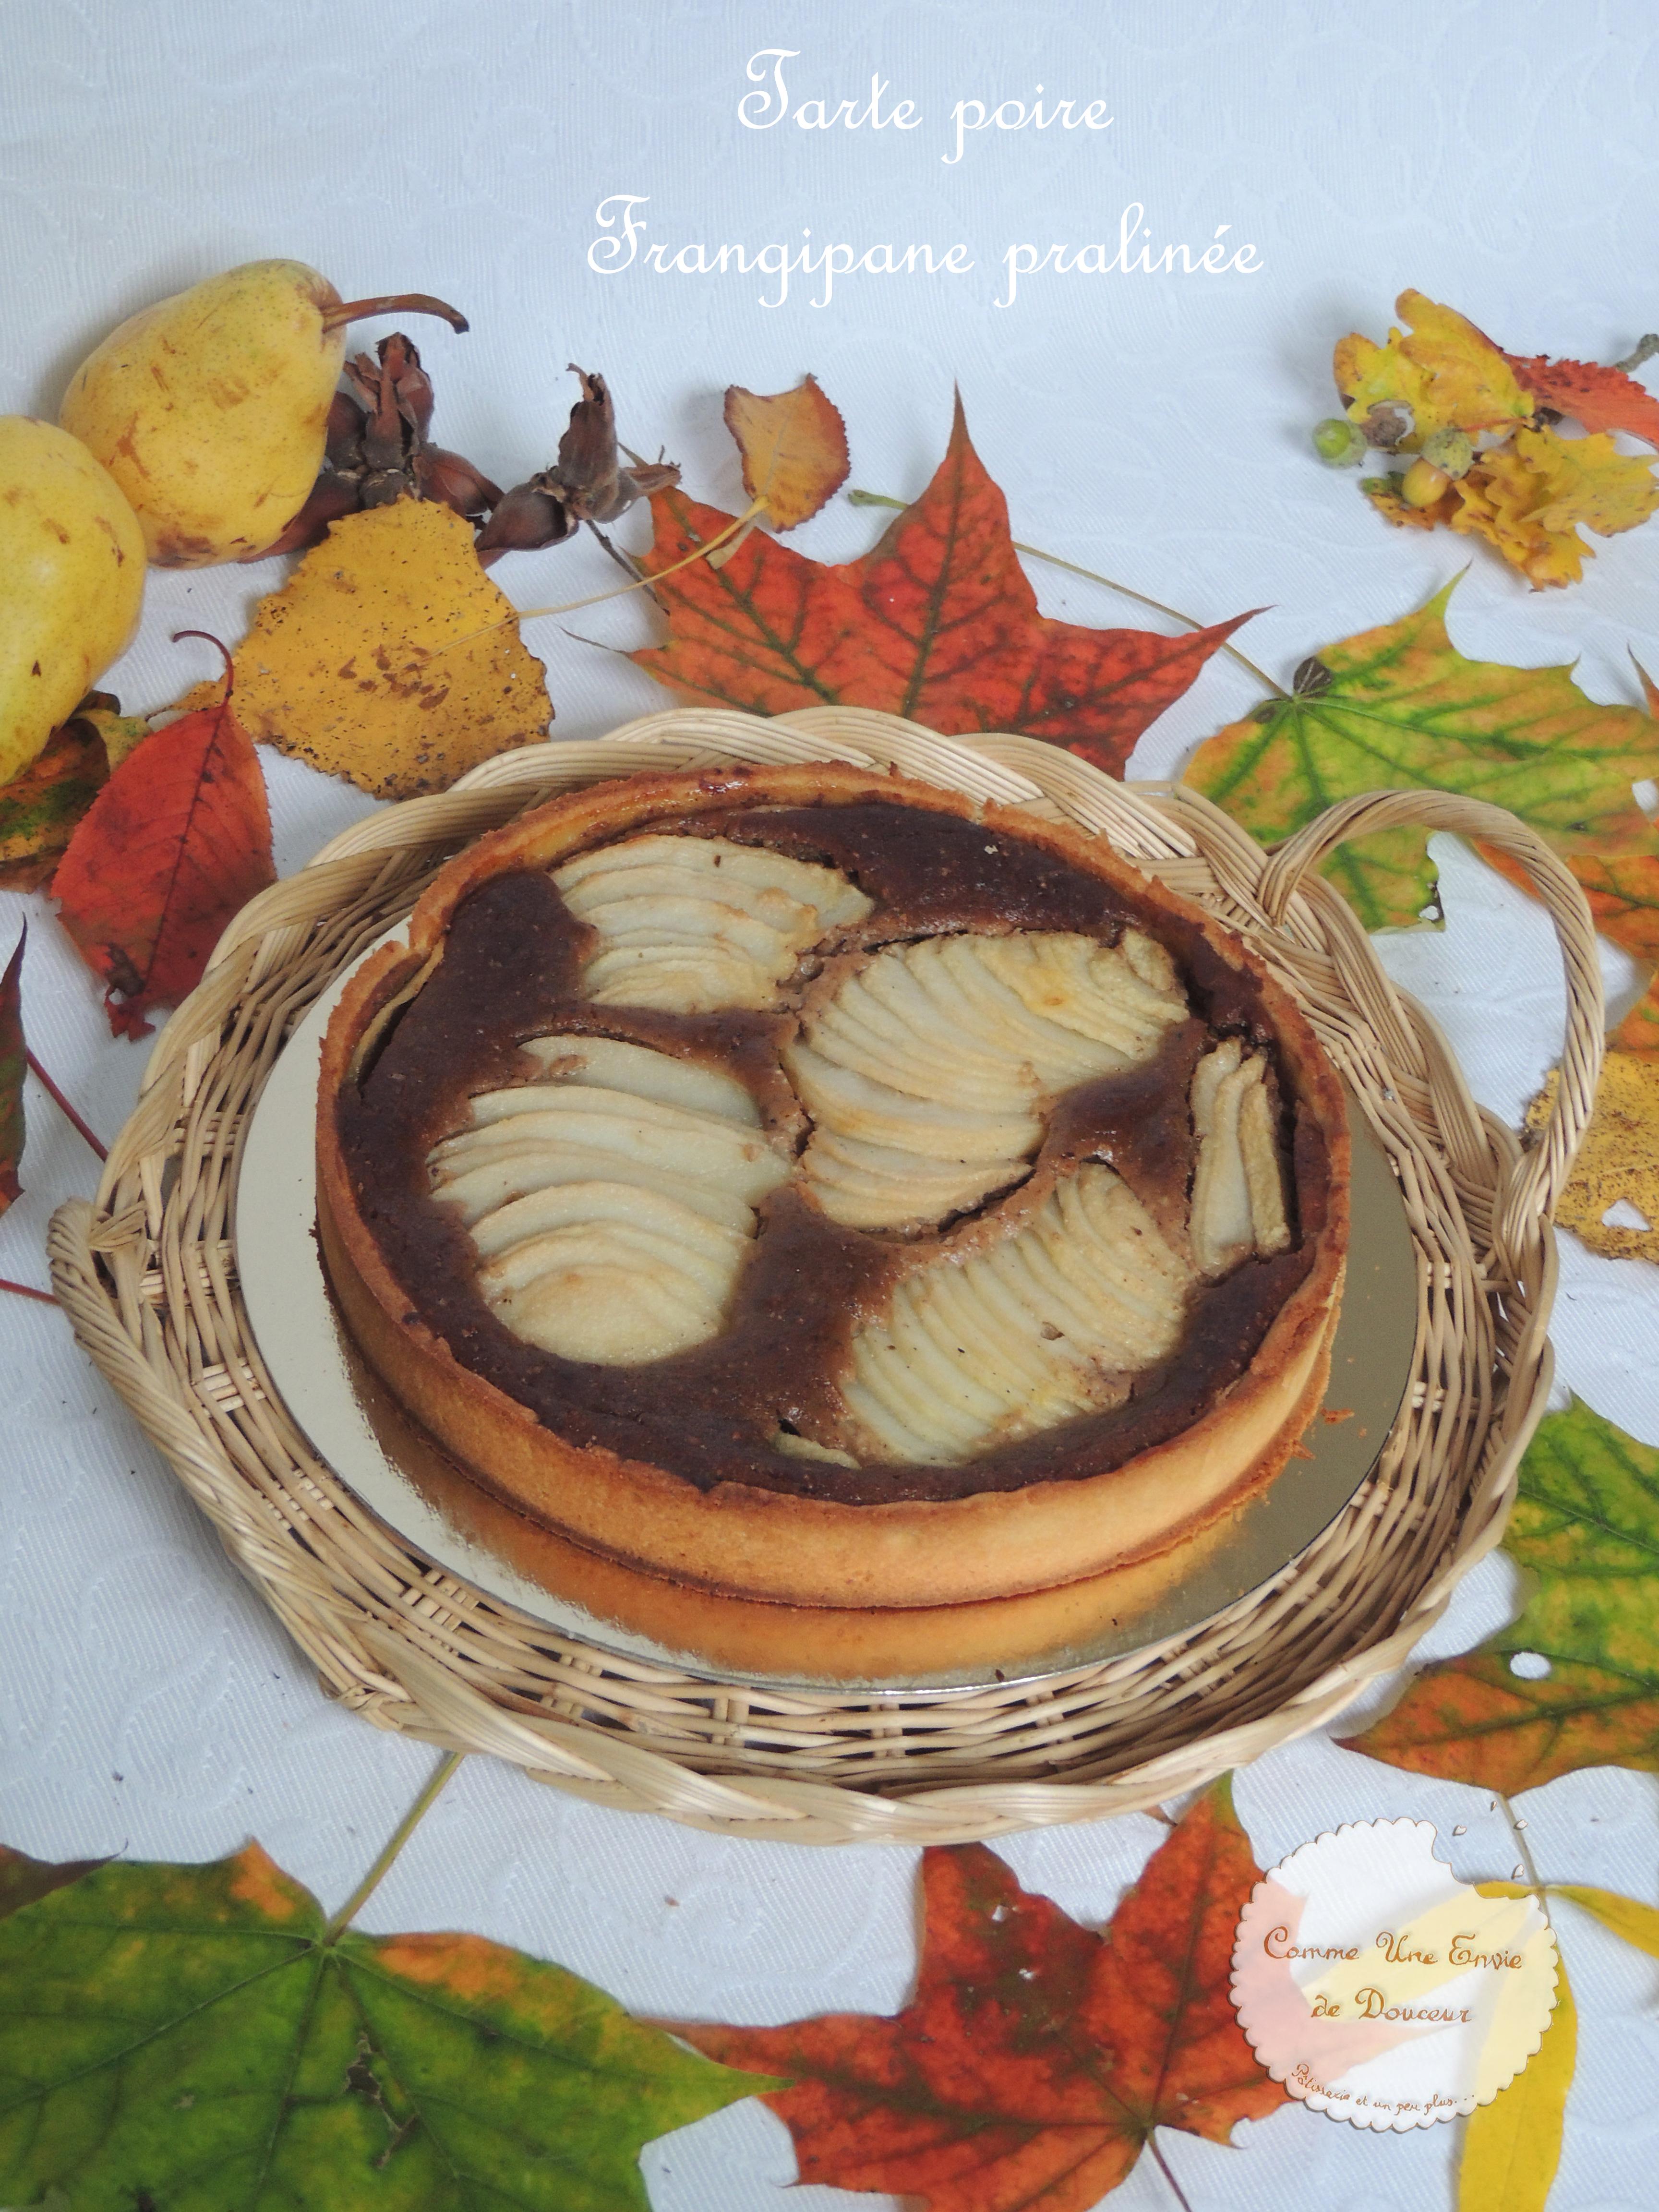 Tarte aux poires frangipane praliné – Pears & praliné tart